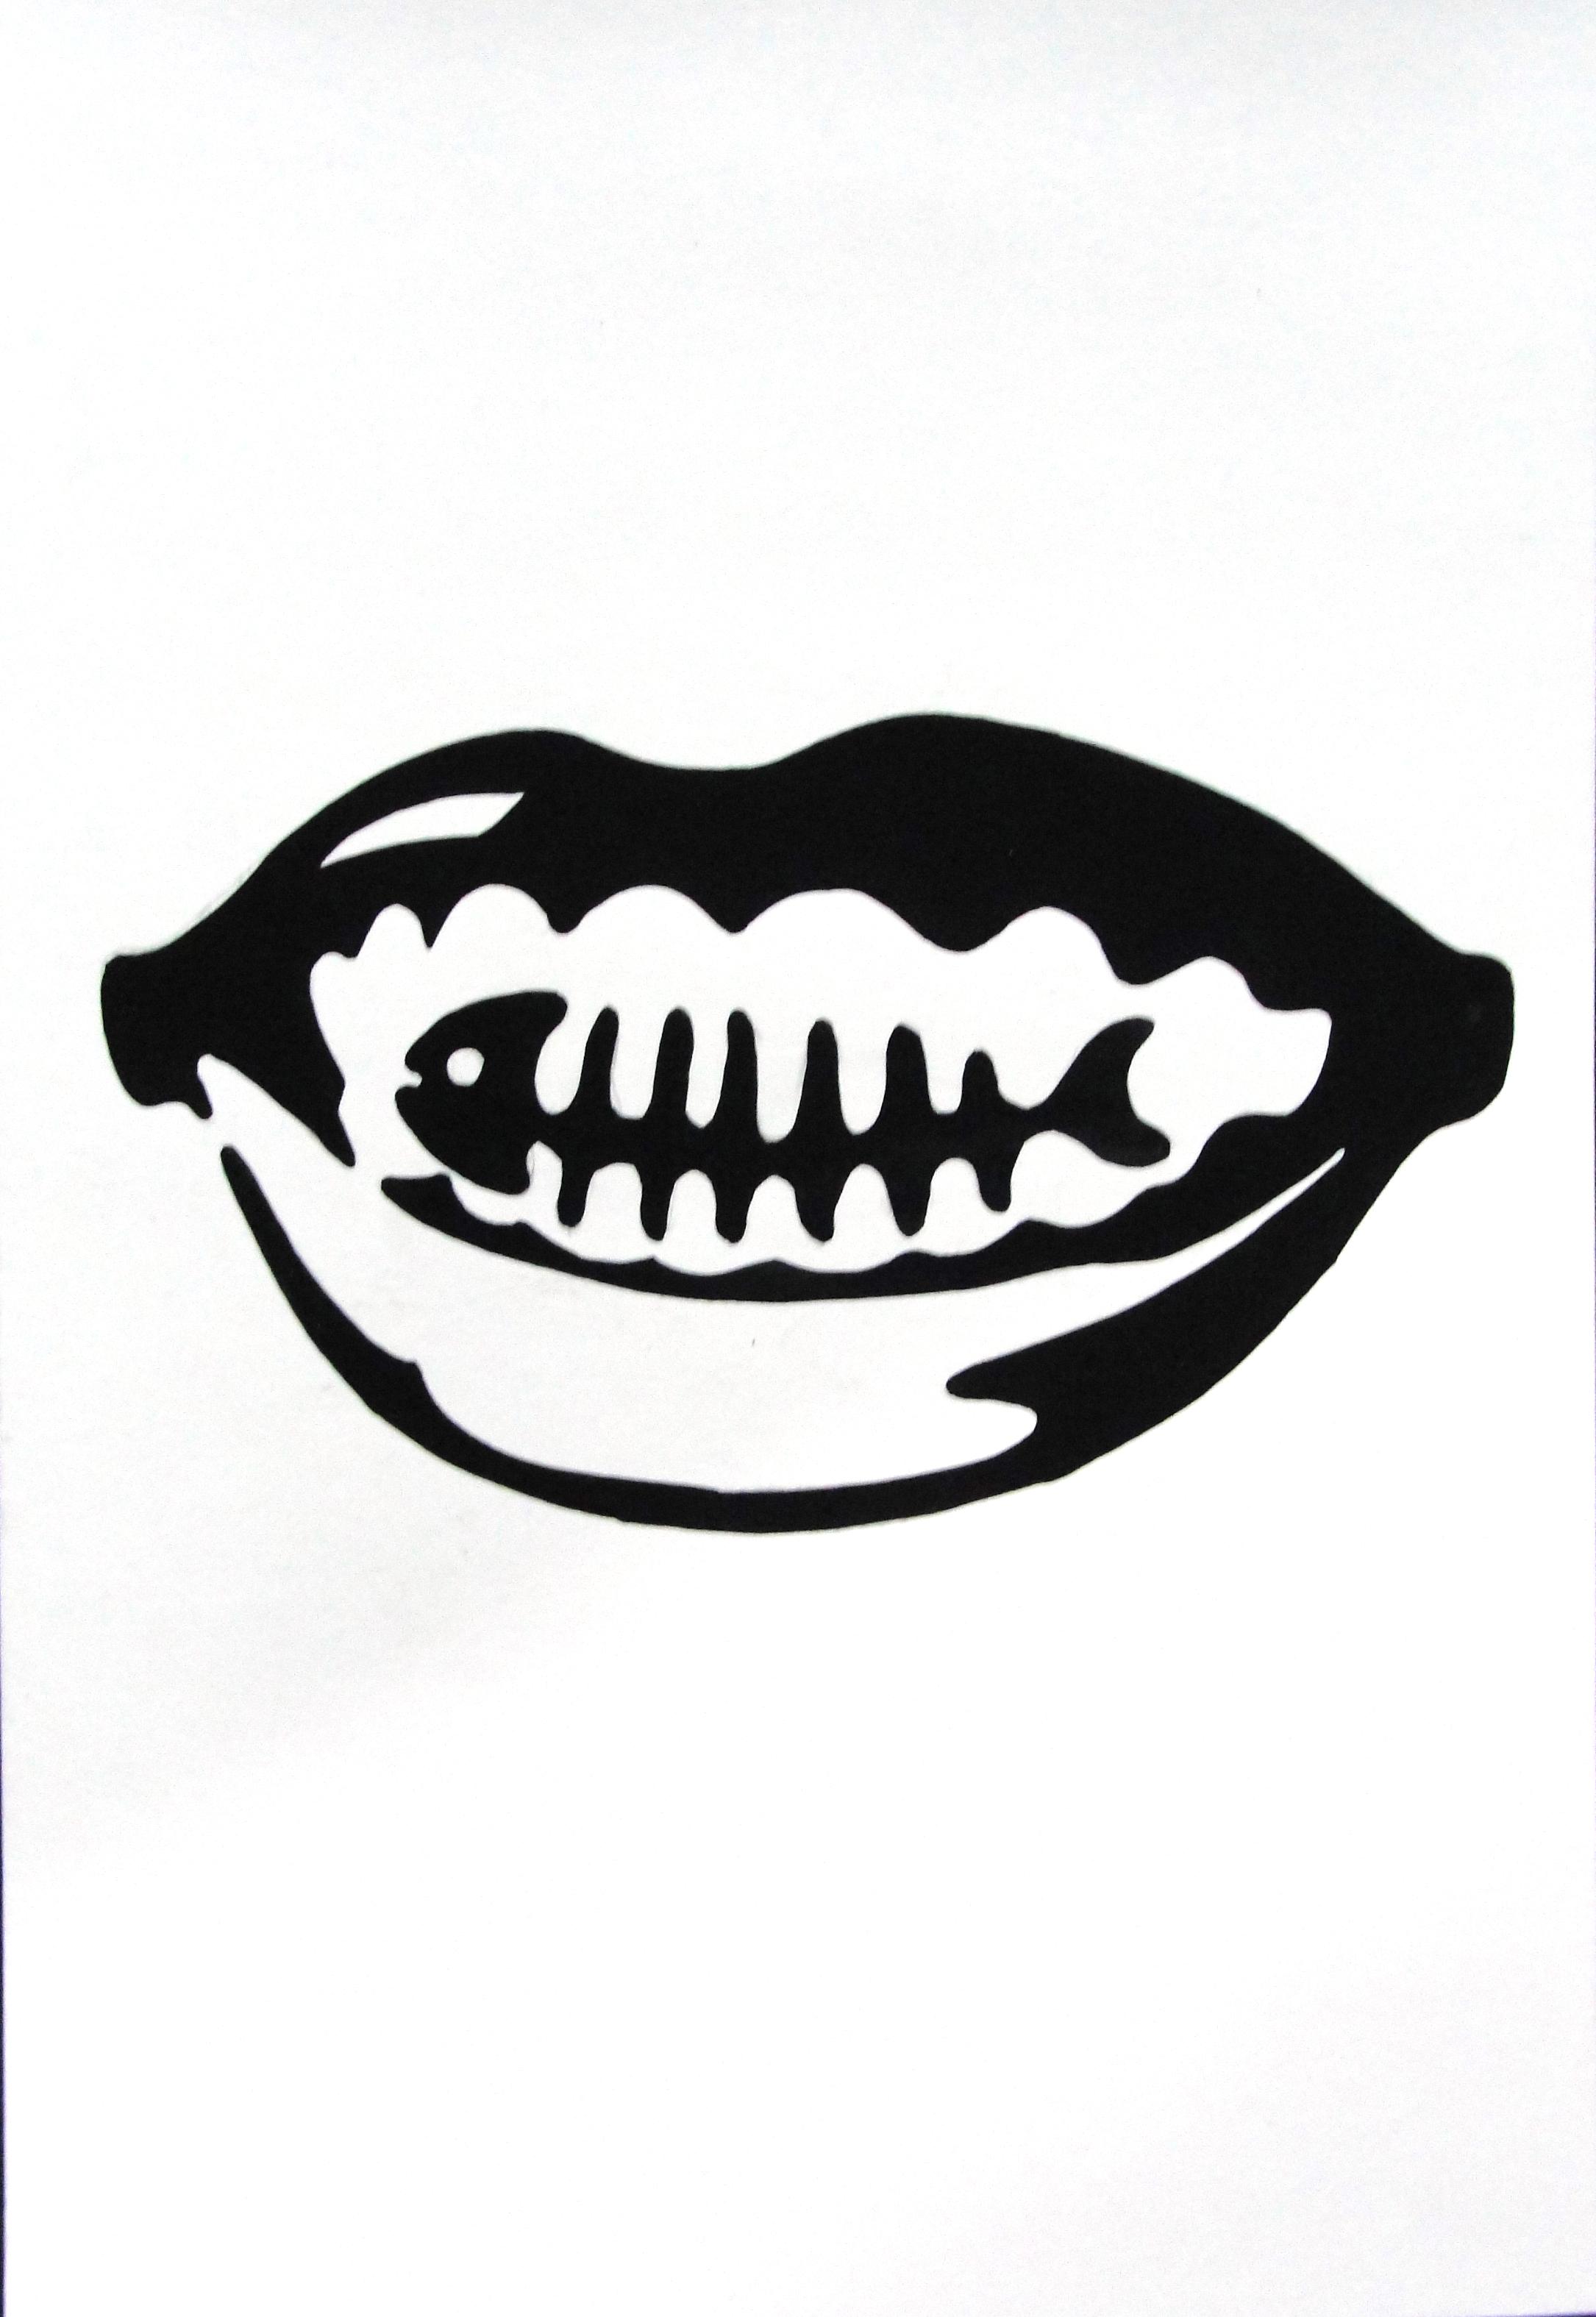 图形创意—手绘|插画|商业插画|薯条张 - 原创作品